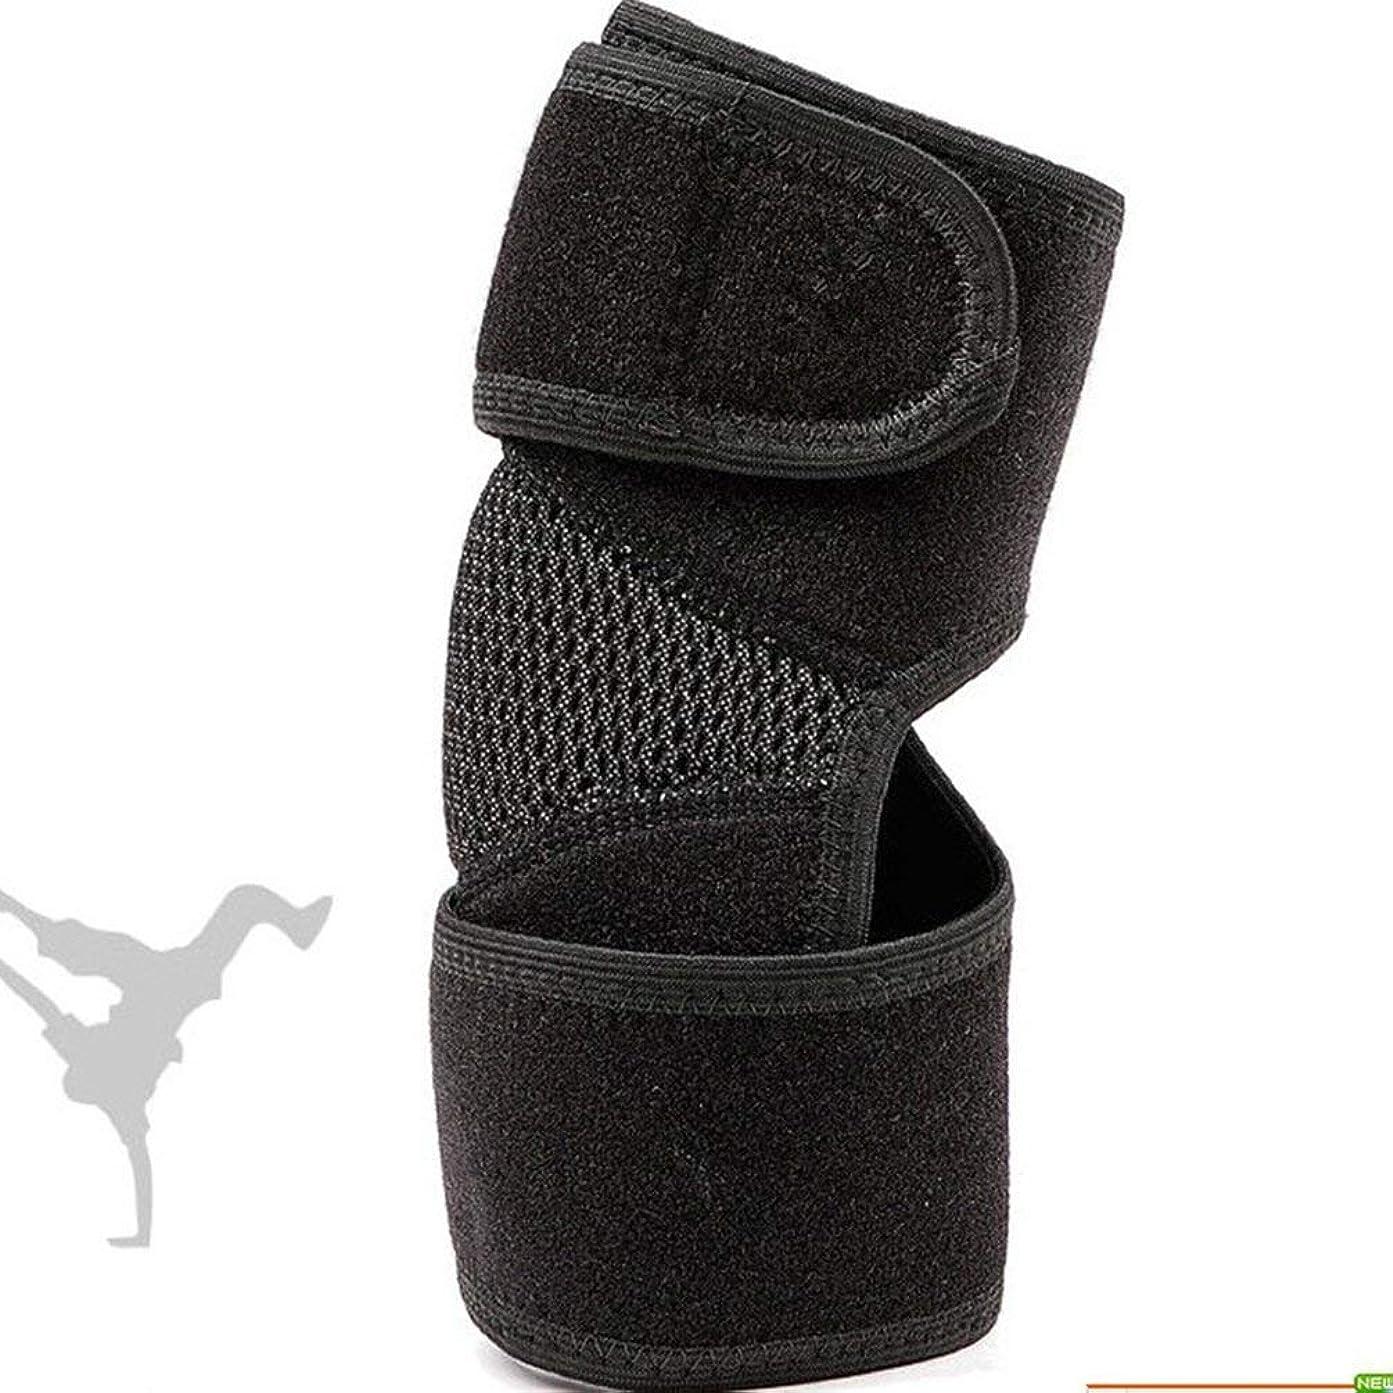 女の子制約部調節可能な 腕陸上競技の保護者のスポーツ保護するクラッシュ耐性の弾力性エルボーブレースランスポーツマンディフェンダー - ブラック